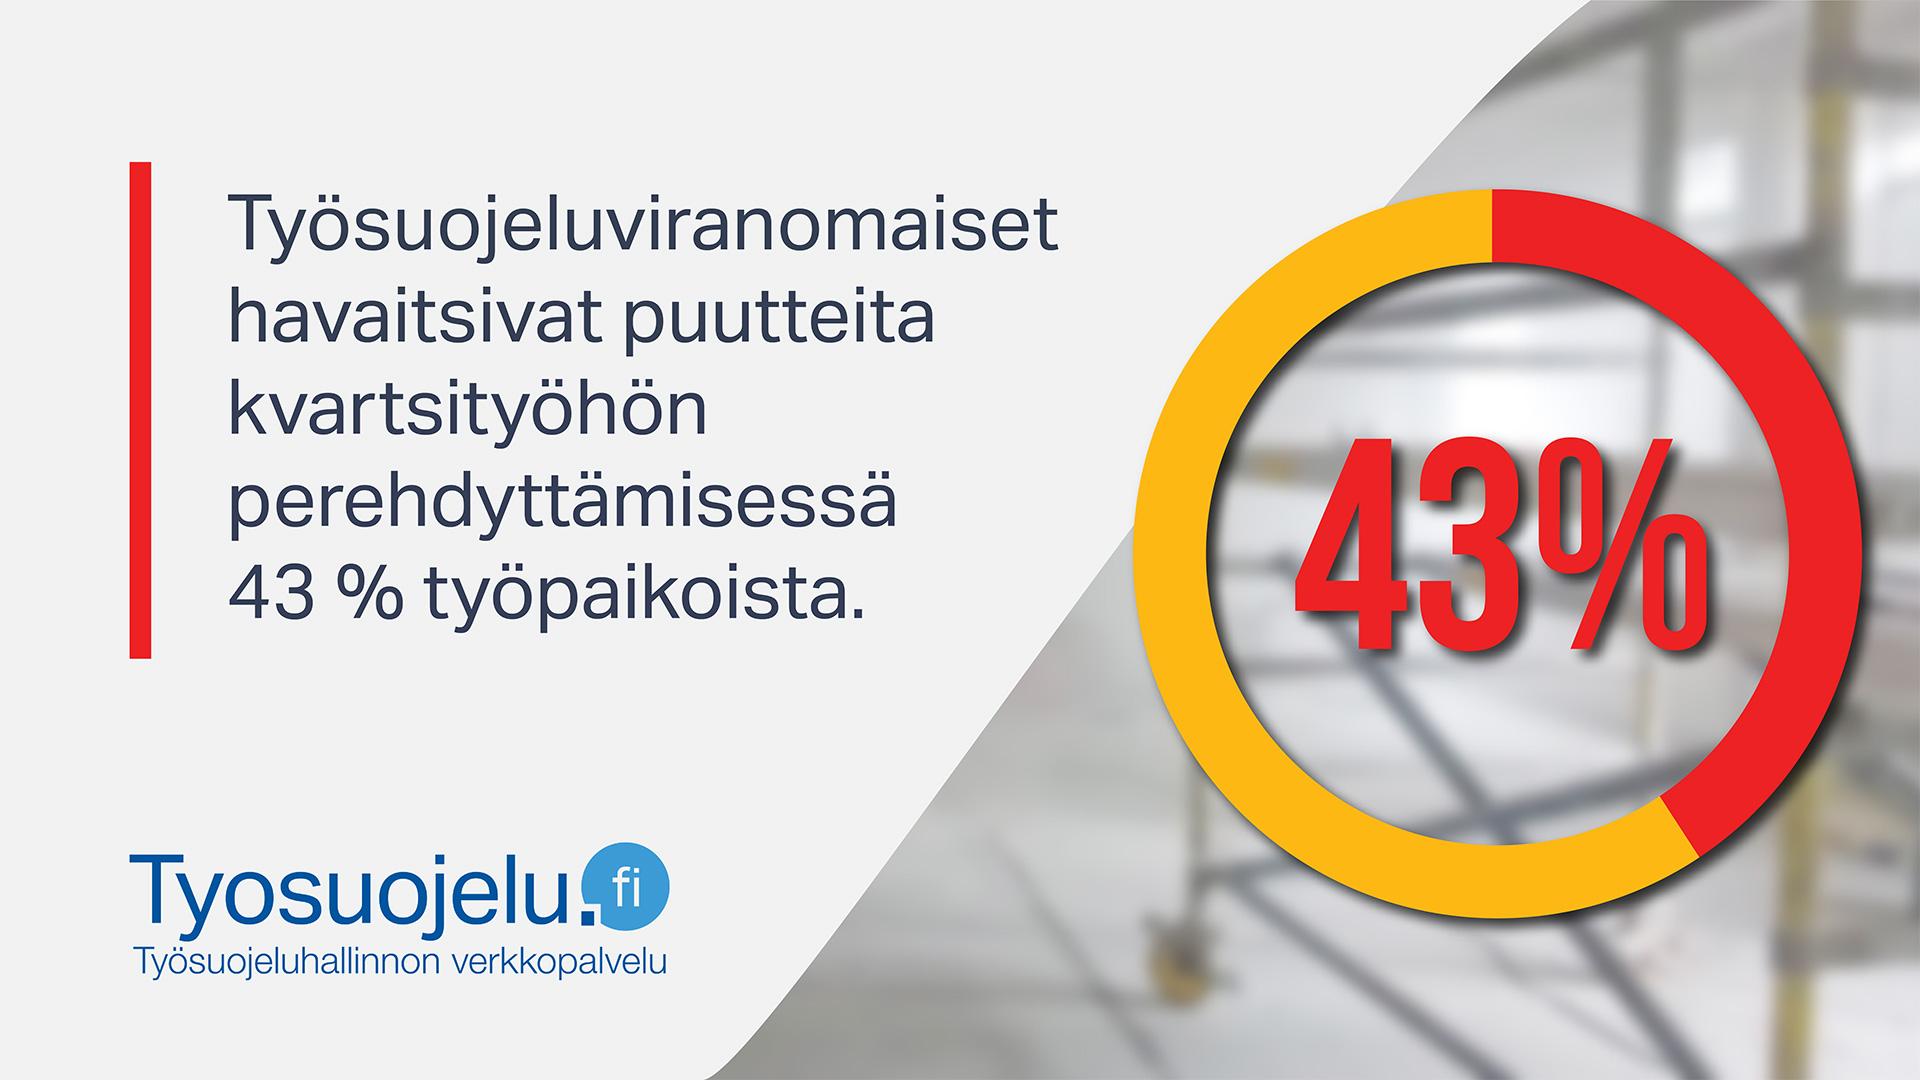 Työsuojeluviranomaiset havaitsivat puutteita kvartsityöhön perehdyttämisessä 43% työpaikoista. Tyosuojelu.fi-logo.